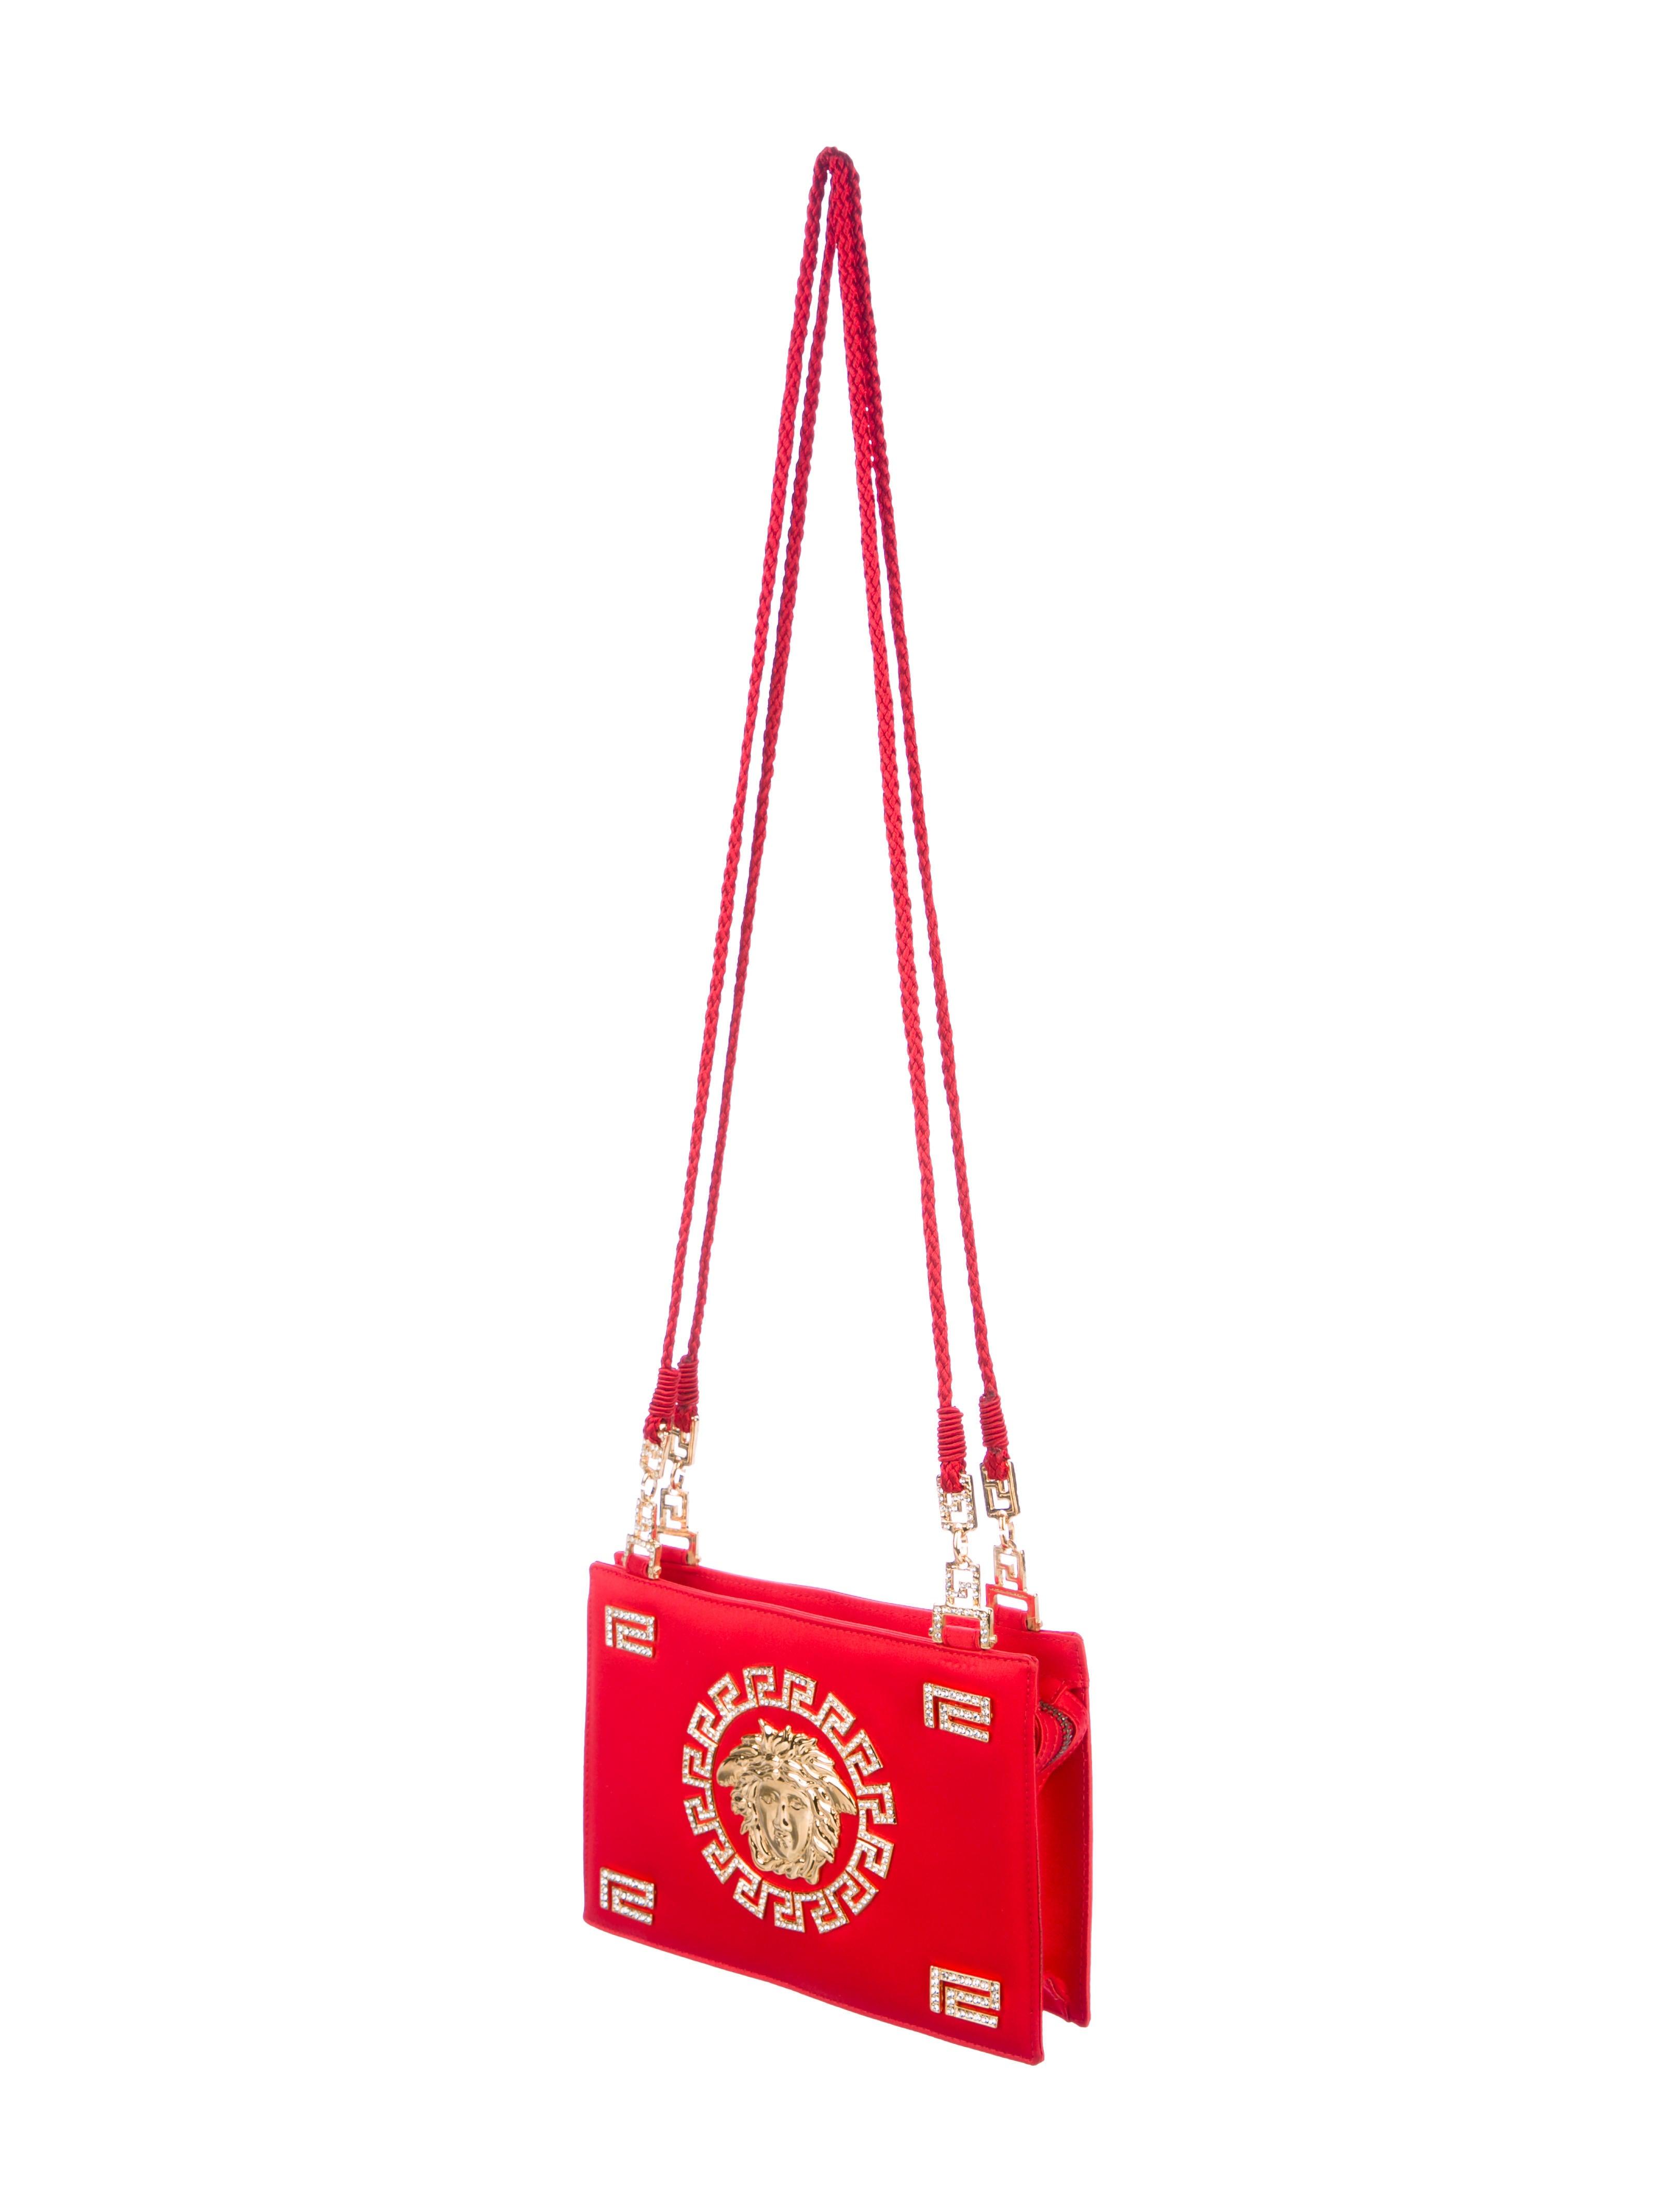 5f37bc8d4fd1 ... Gianni Embellished Versace Crystal Bag Medusa Shoulder r6T6P7 ...